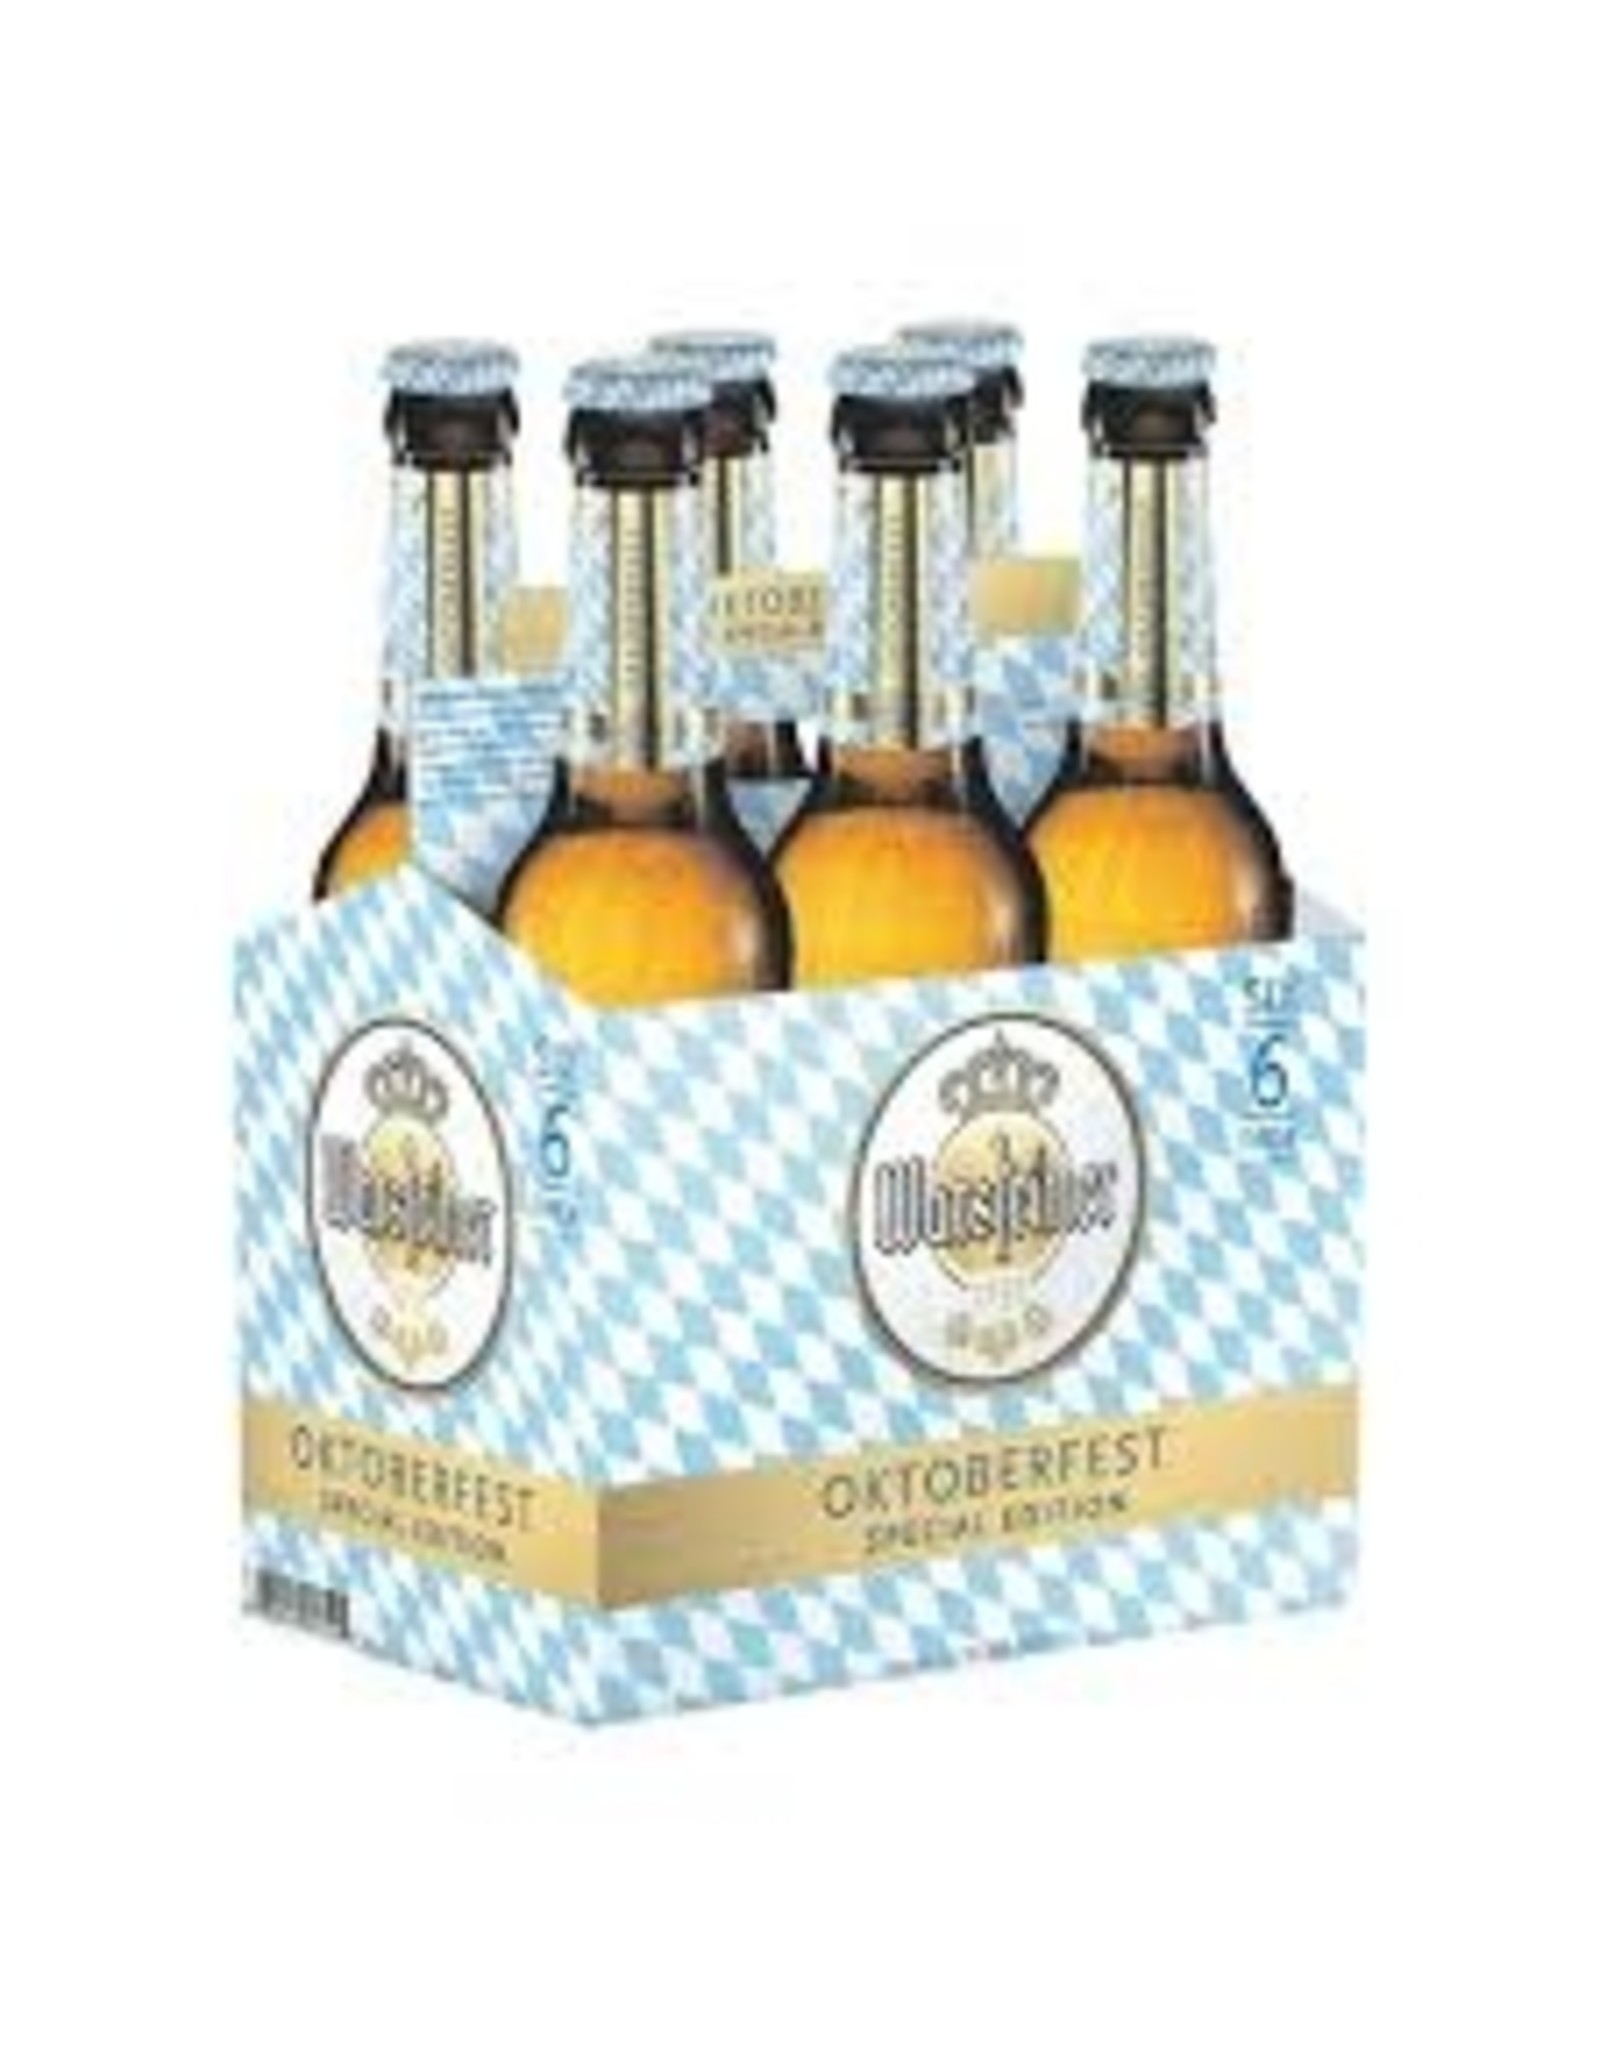 Warsteiner Warsteiner Oktoberfest 6pk bottle